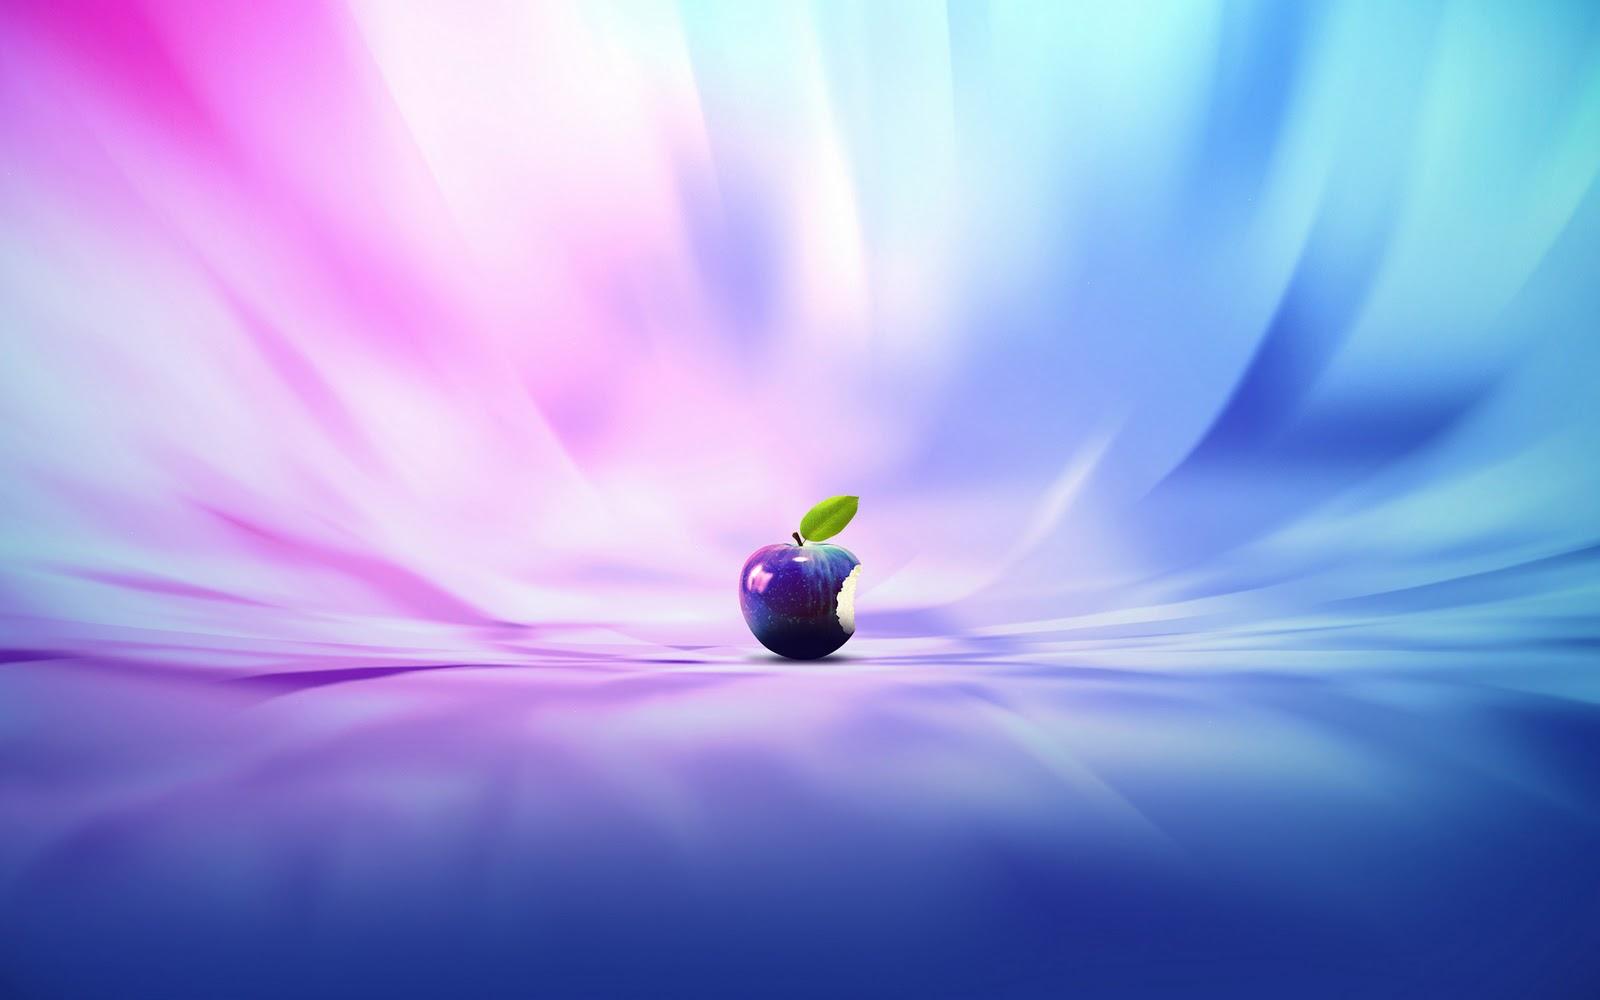 Kia Kaha | Cool Apple HD wallpaper(1600*1000)